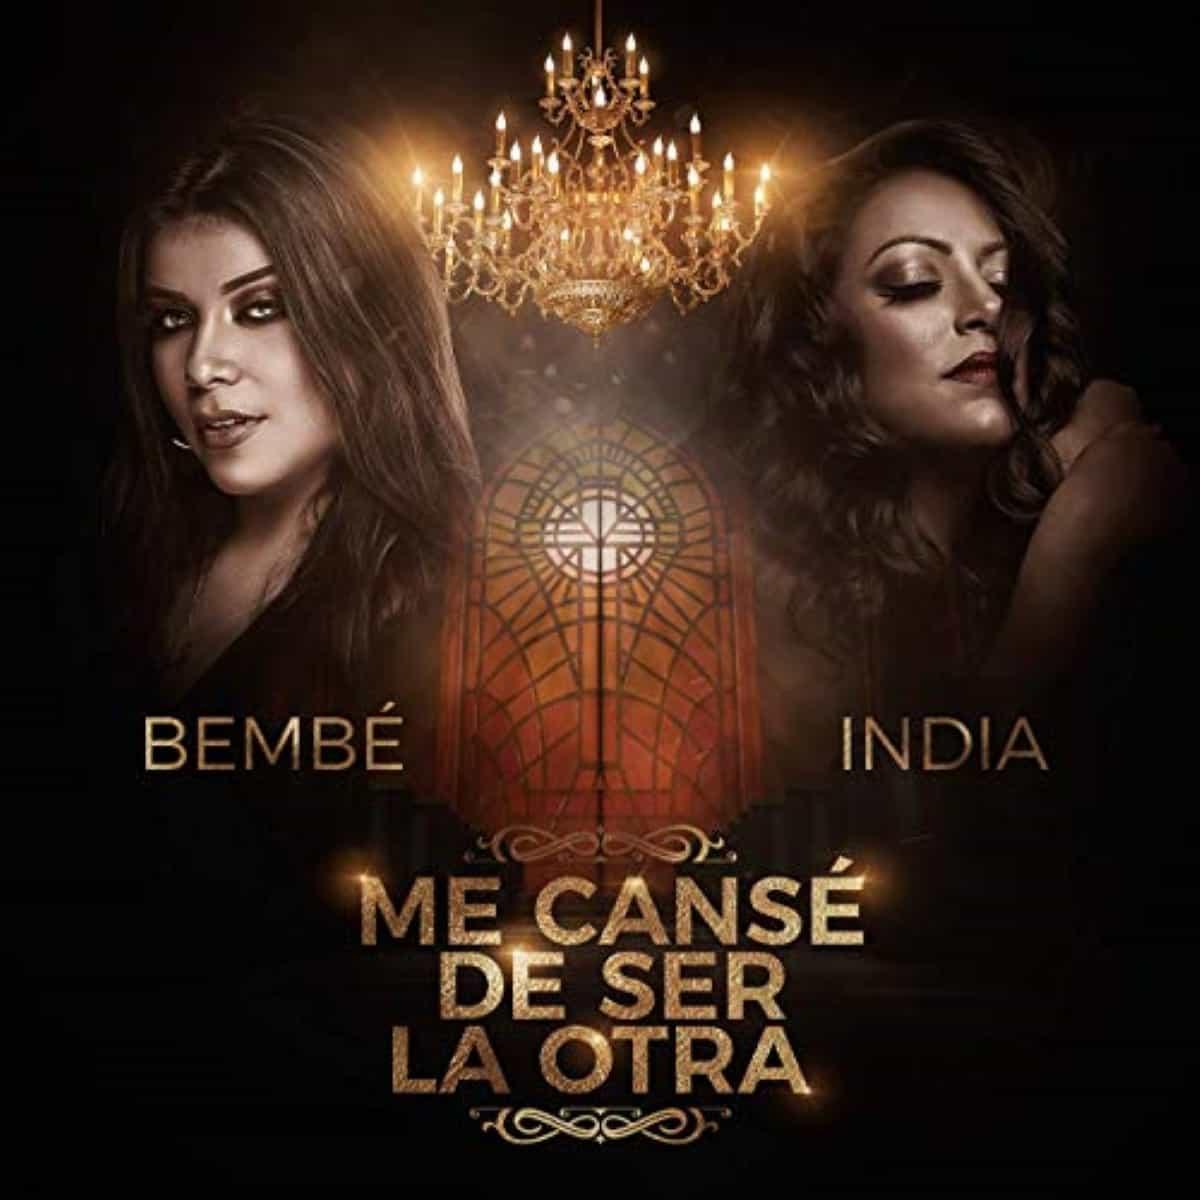 La India & Bembe Orquesta (Maria Grazia Polanco) Neuer Salsa-Hit Me Canse De Ser La Otra